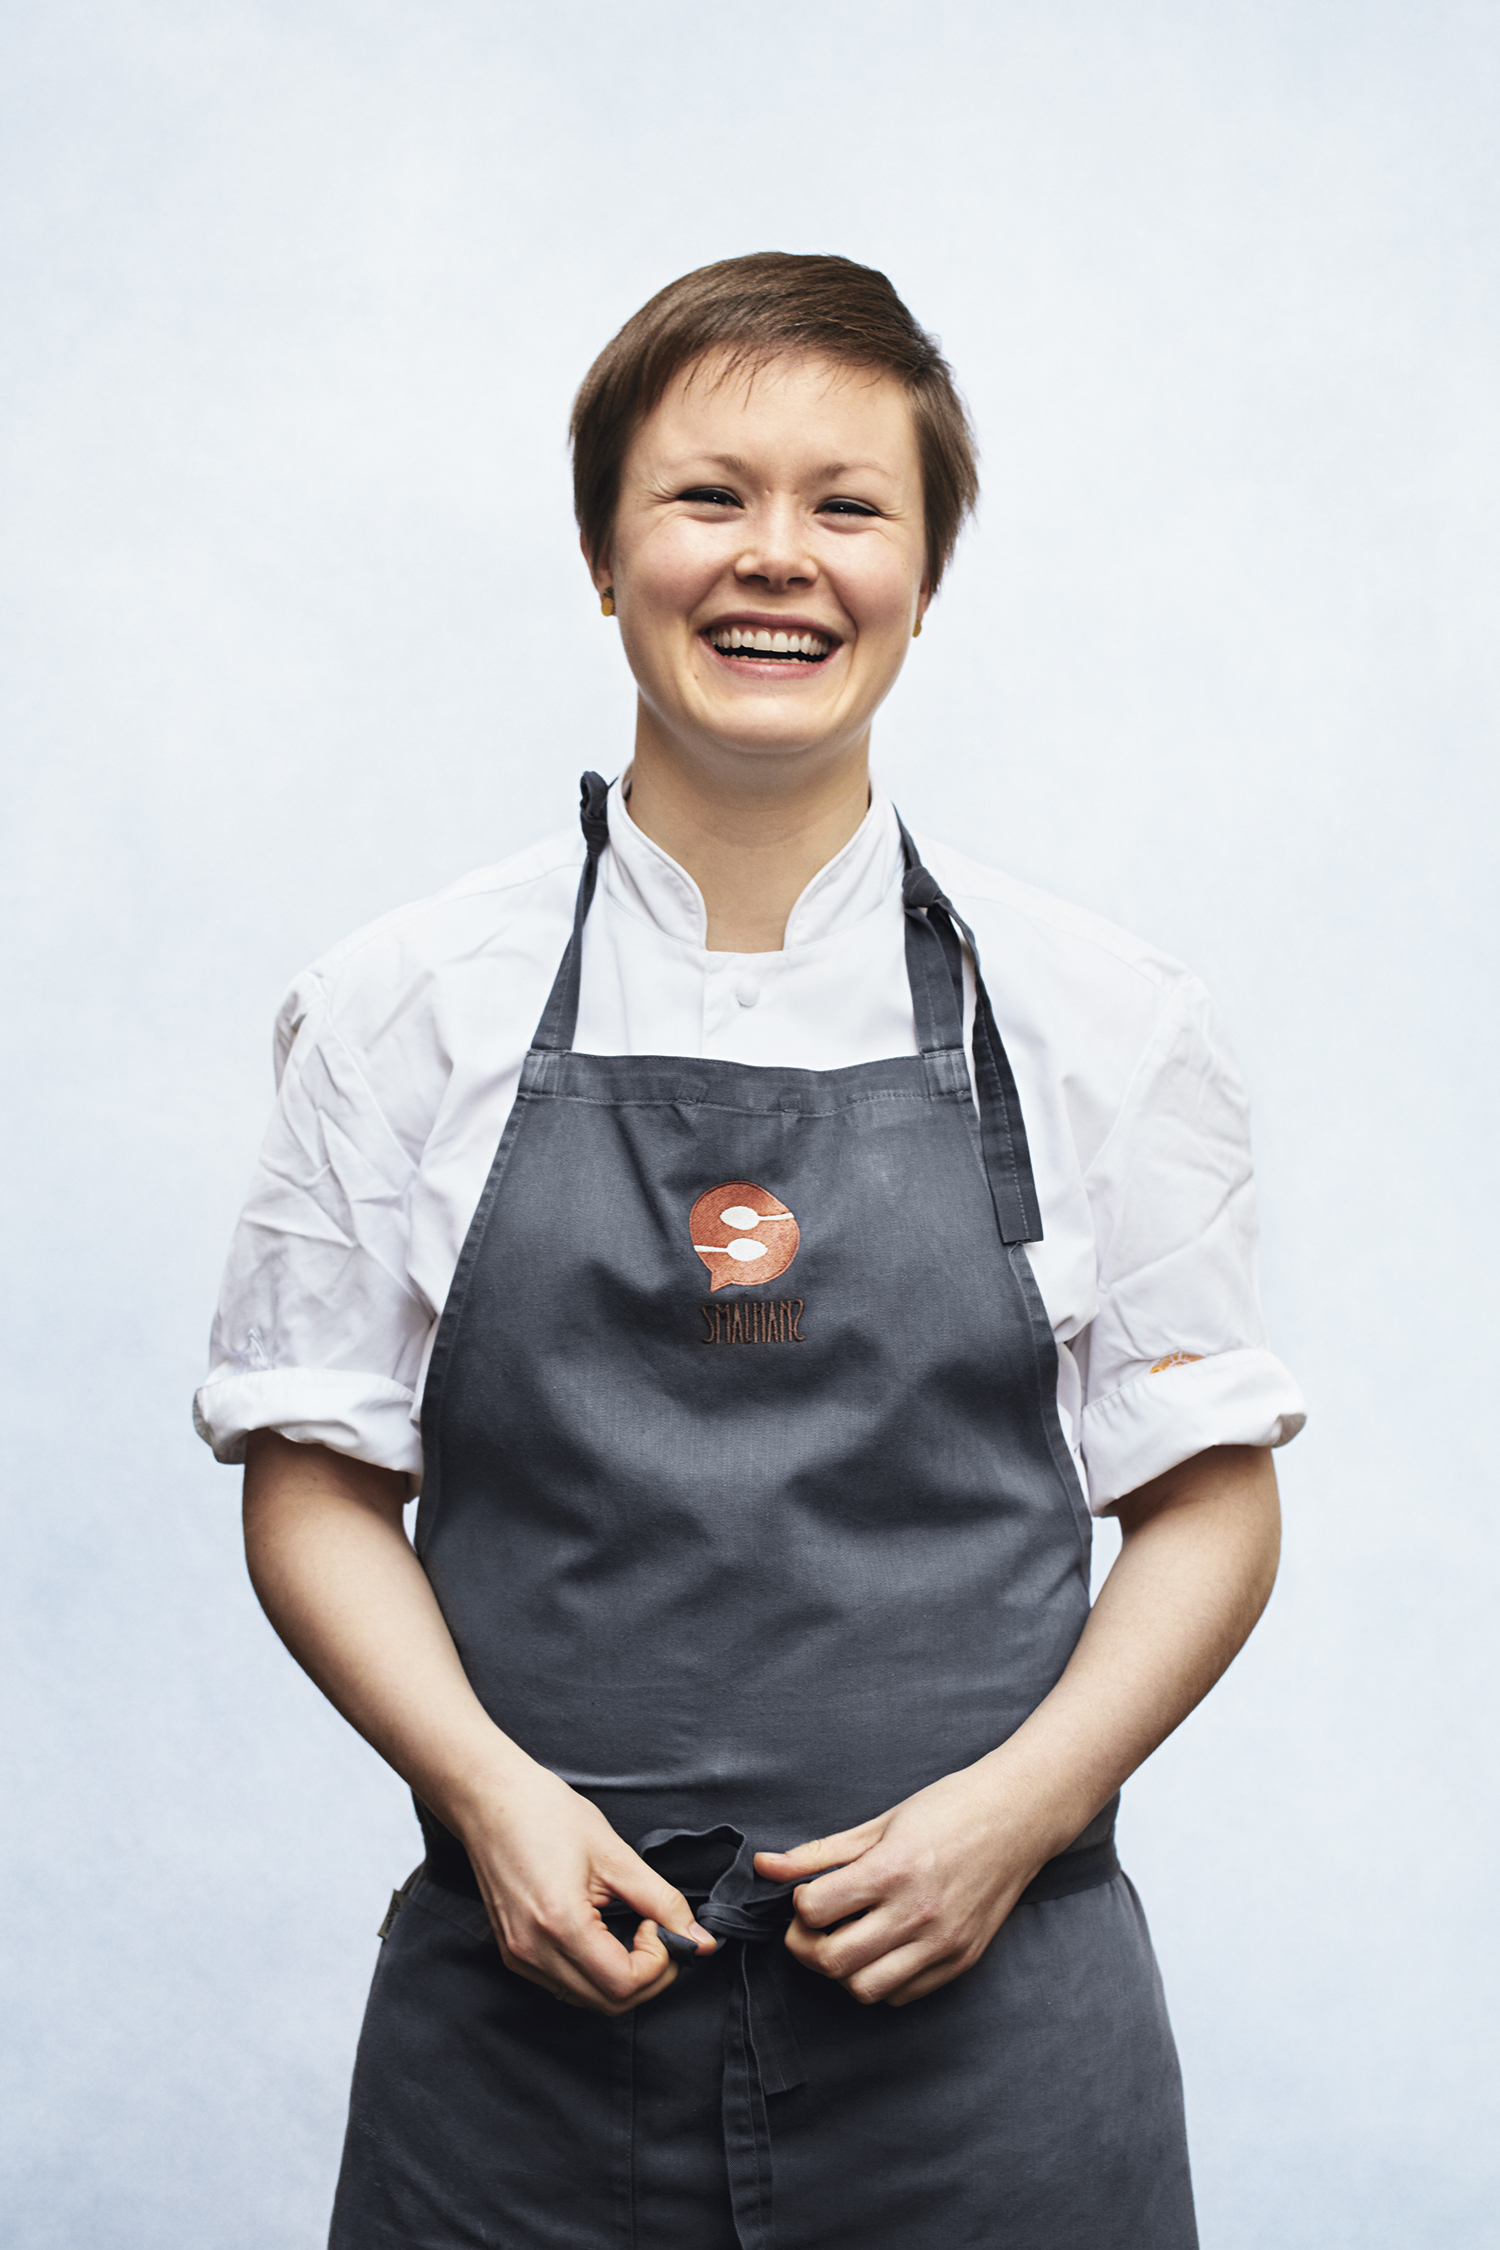 Karla Siverts, kjøkkensjef på Smalhans.